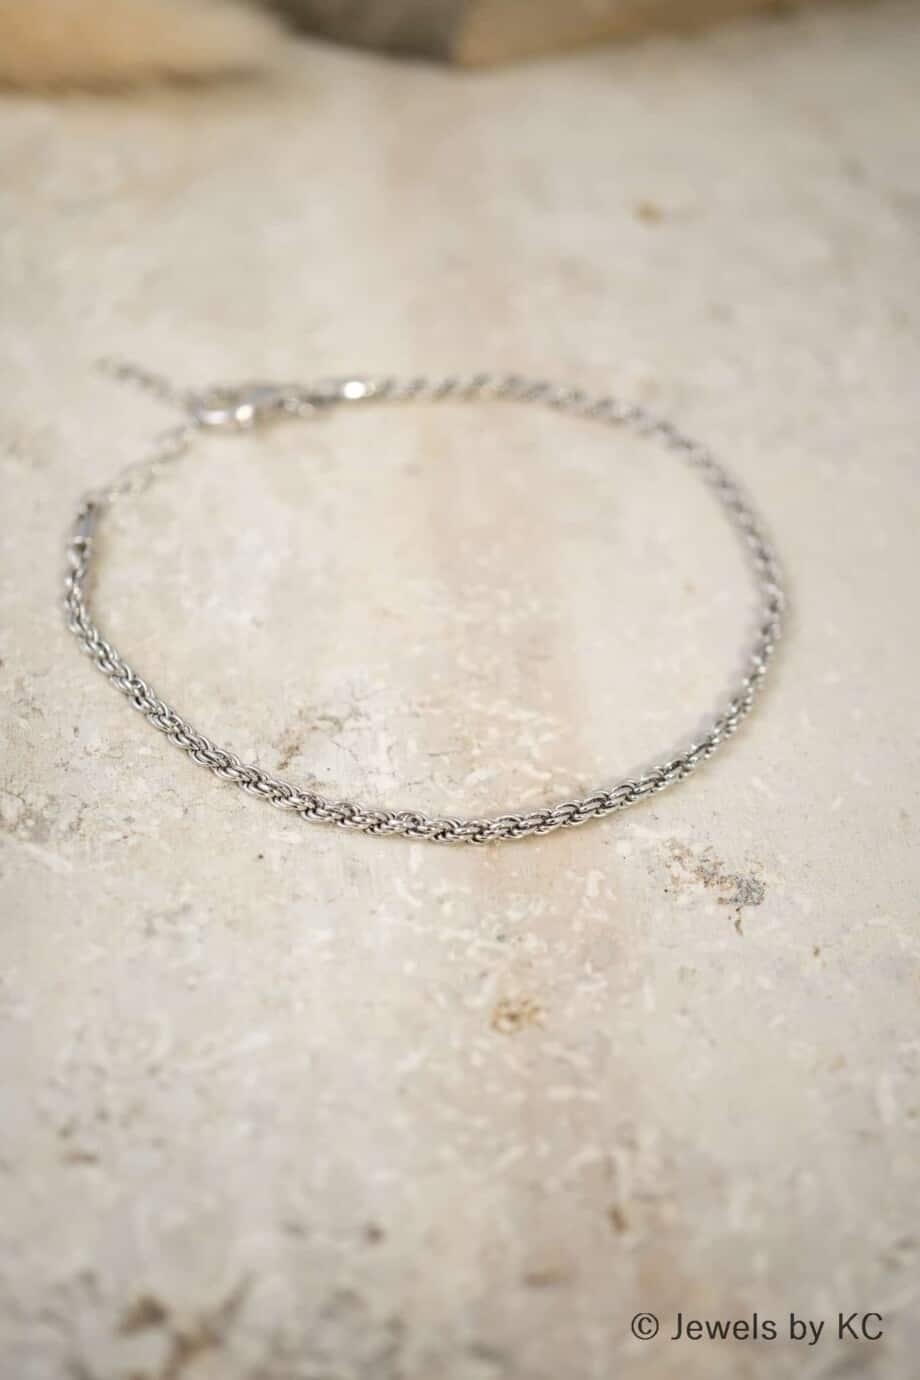 Fijne Zilveren armband 'Classic Cord' van Sterling Zilver